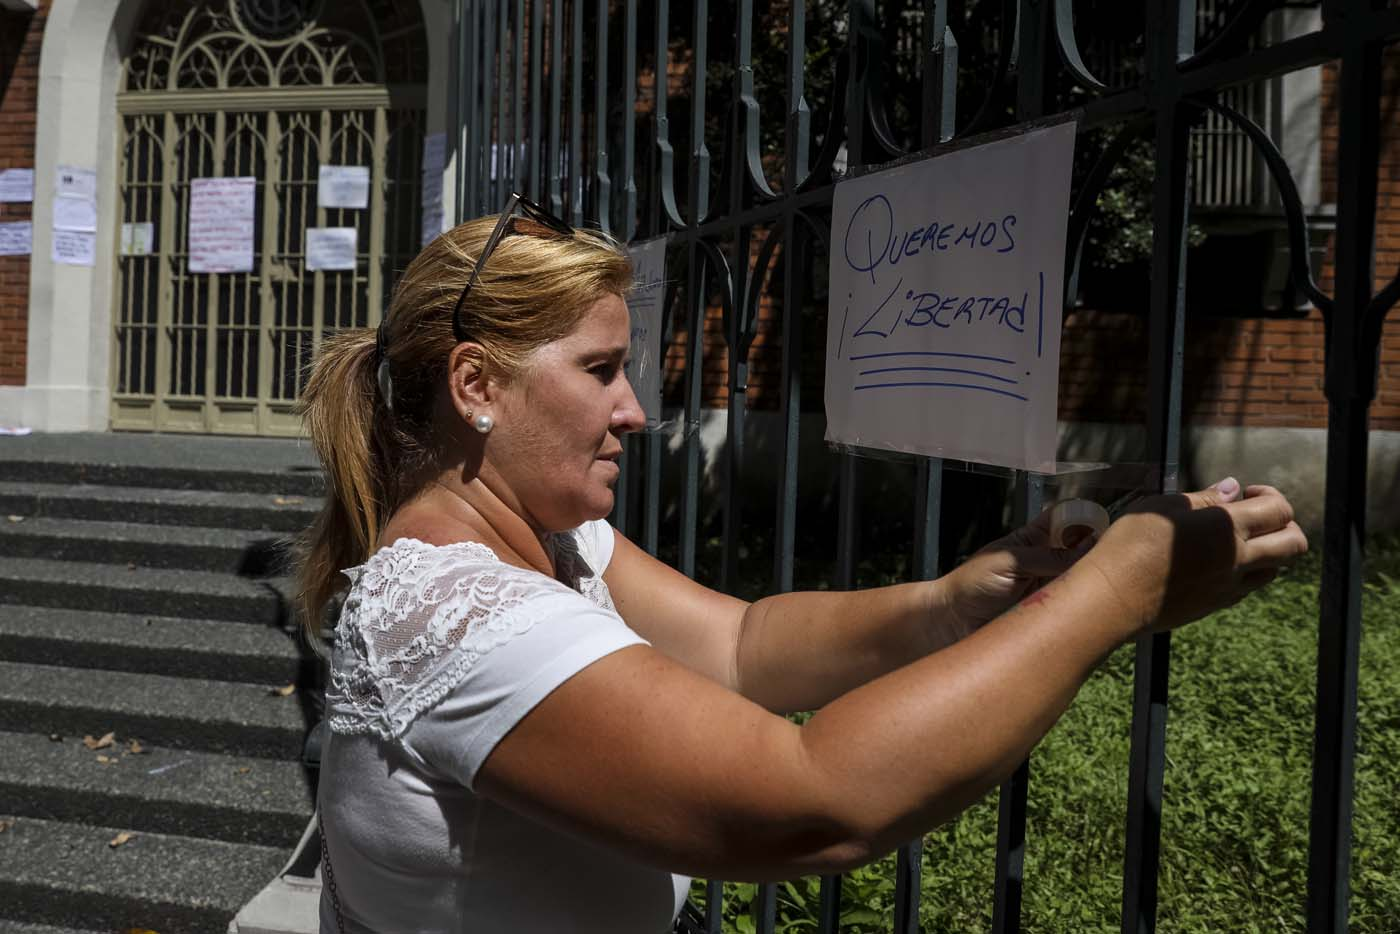 CAR14. CARACAS (VENEZUELA), 24/07/2017.- Manifestantes pegan carteles en rechazo a la Asamblea Constituyente hoy, lunes 24 de julio de 2017, en un colegio electoral de Caracas (Venezuela). Venezuela inicia hoy la semana decisiva para la elección de la Asamblea Nacional Constituyente convocada por el presidente, Nicolás Maduro, con los oficialistas entrando en la recta final de su campaña en medio de protestas y llamados a paro de los opositores en rechazo a esos comicios. EFE/Miguel Gutiérrez